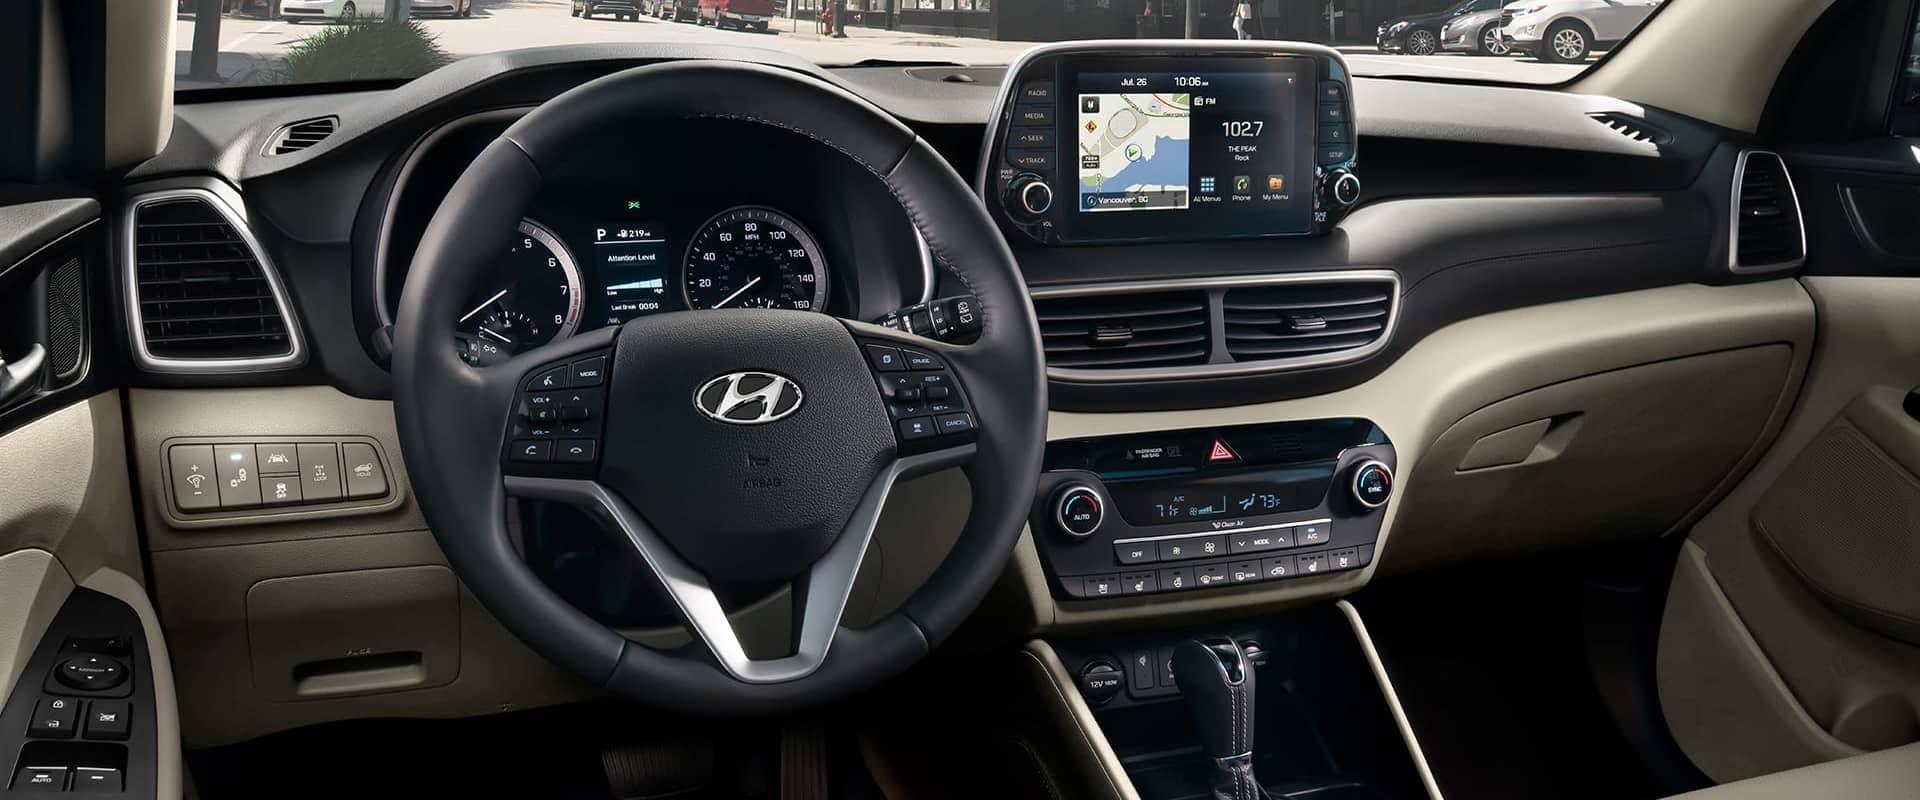 2019 Hyundai Tucson Dash